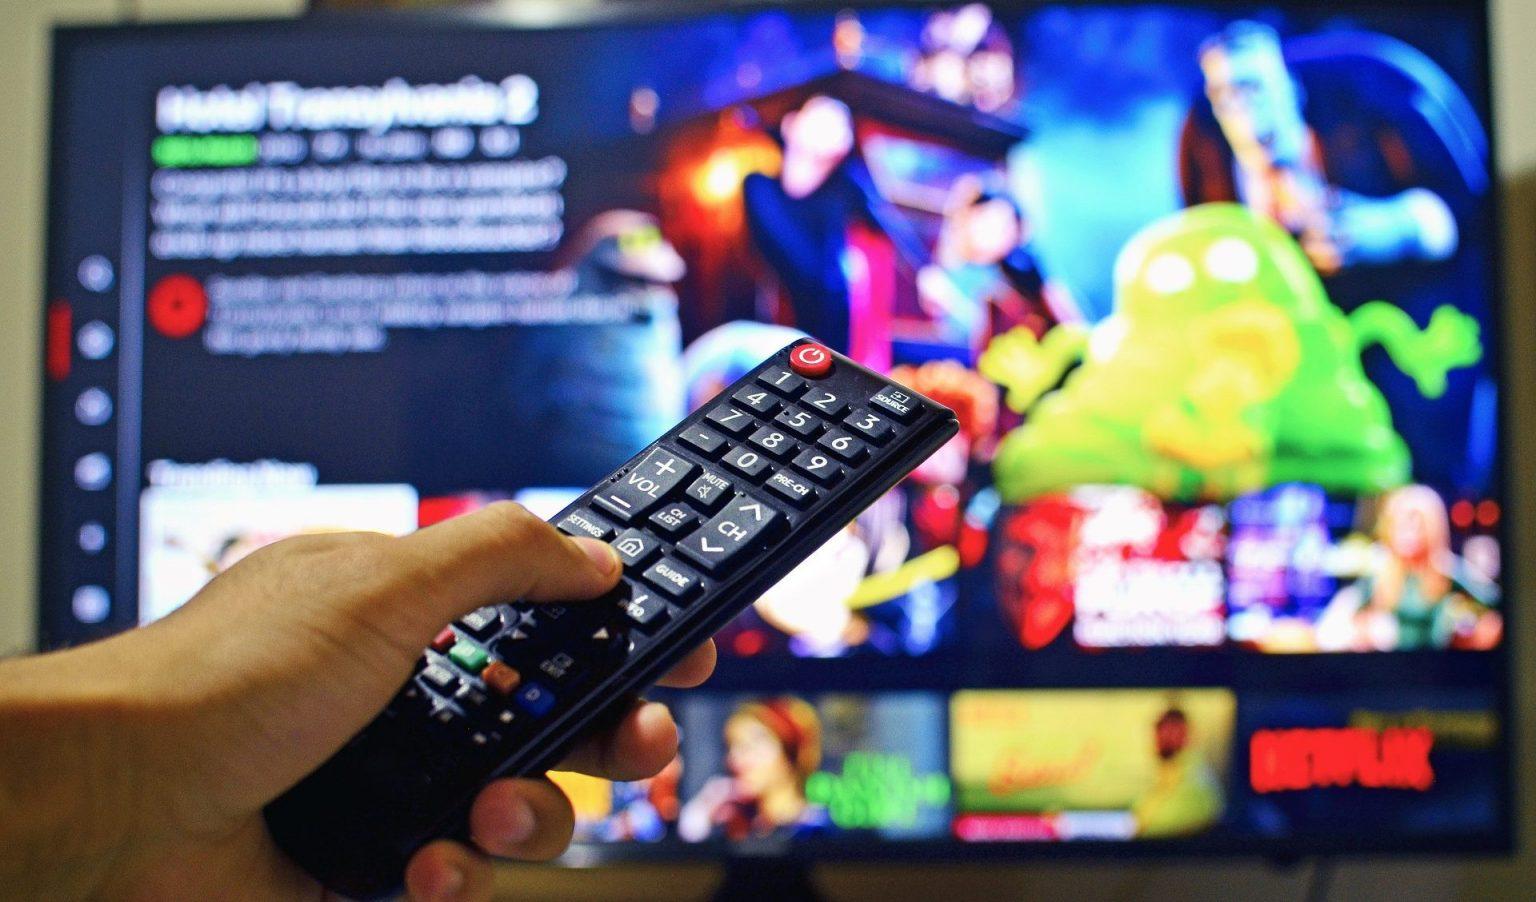 क्लिनफिडसँगै इन्टरनेटमा आधारित टेलिभिजन प्रसारण नियमन गर्न व्यवसायीको माग